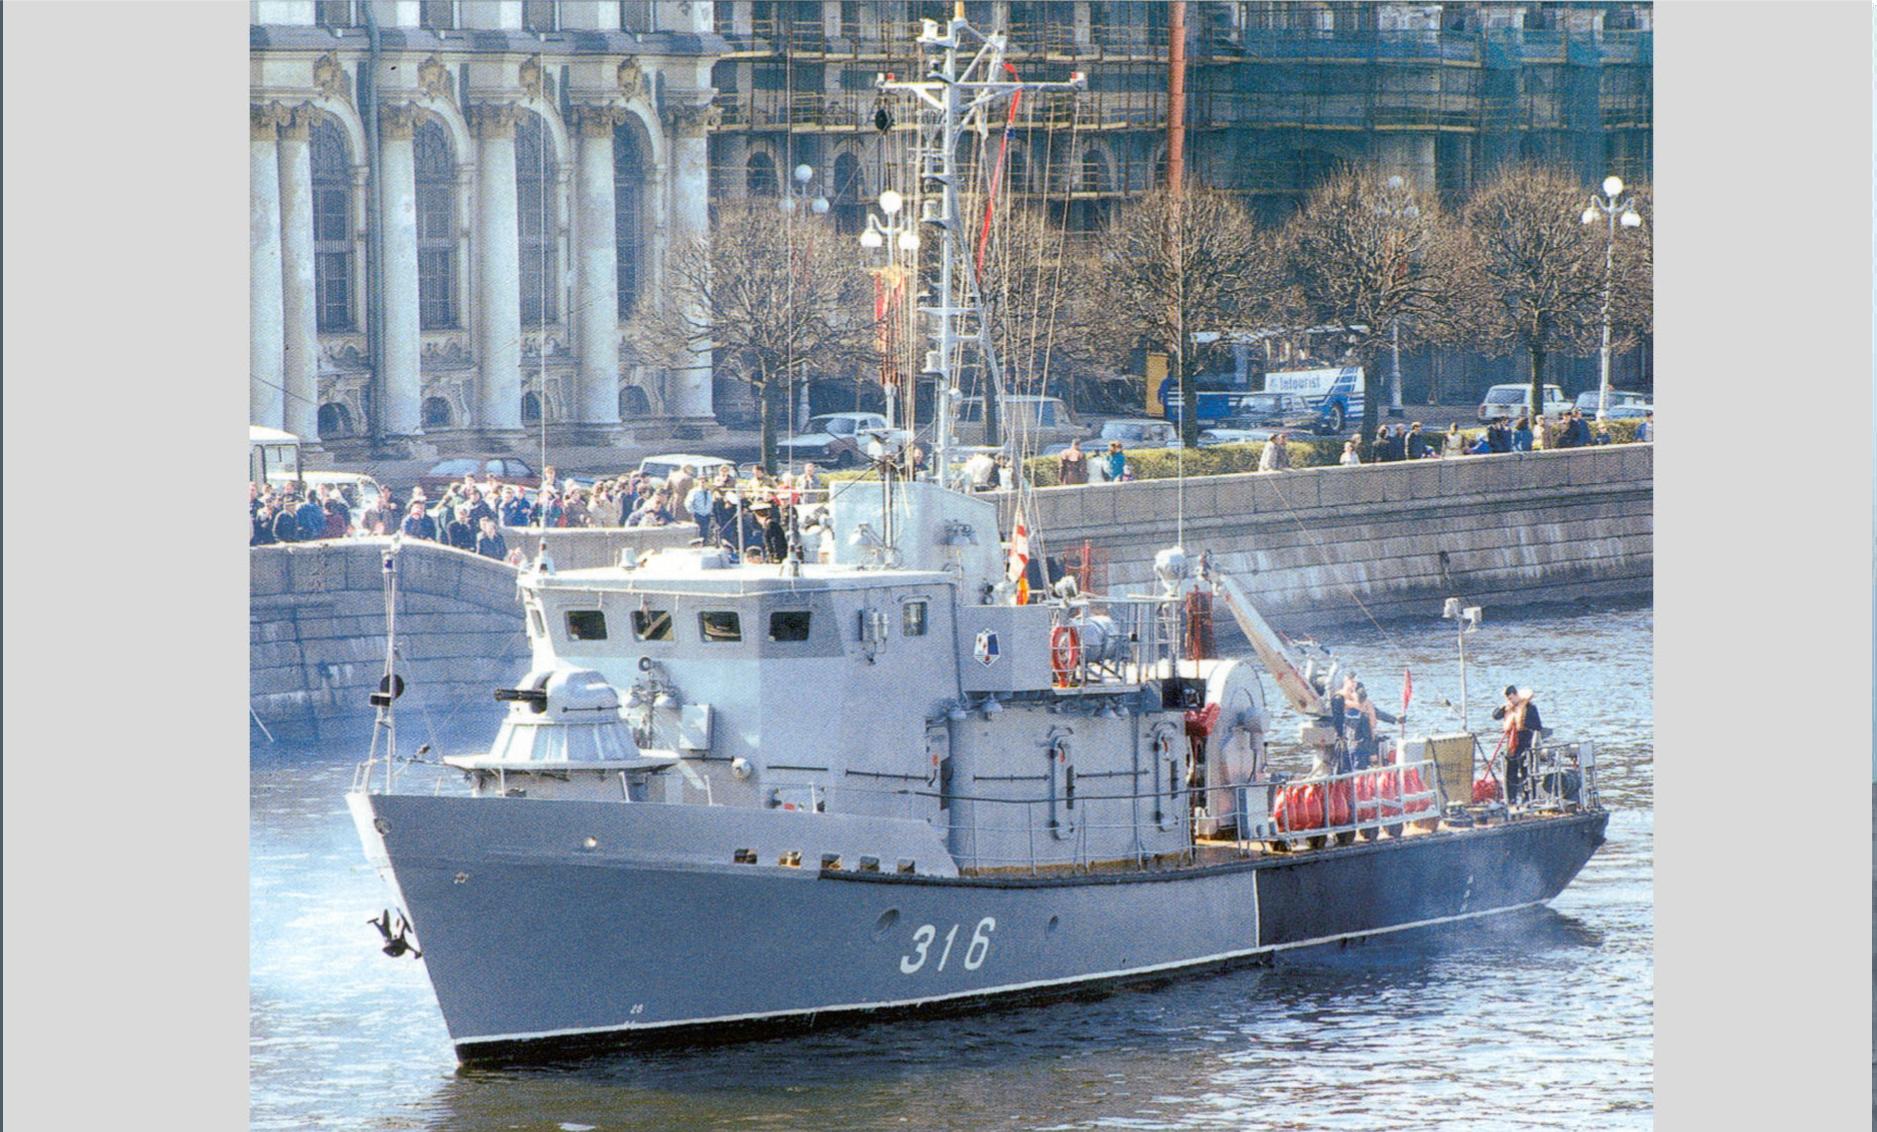 Средне-Невский судостроительный завод произвел закладку судна по заказу Казахстана